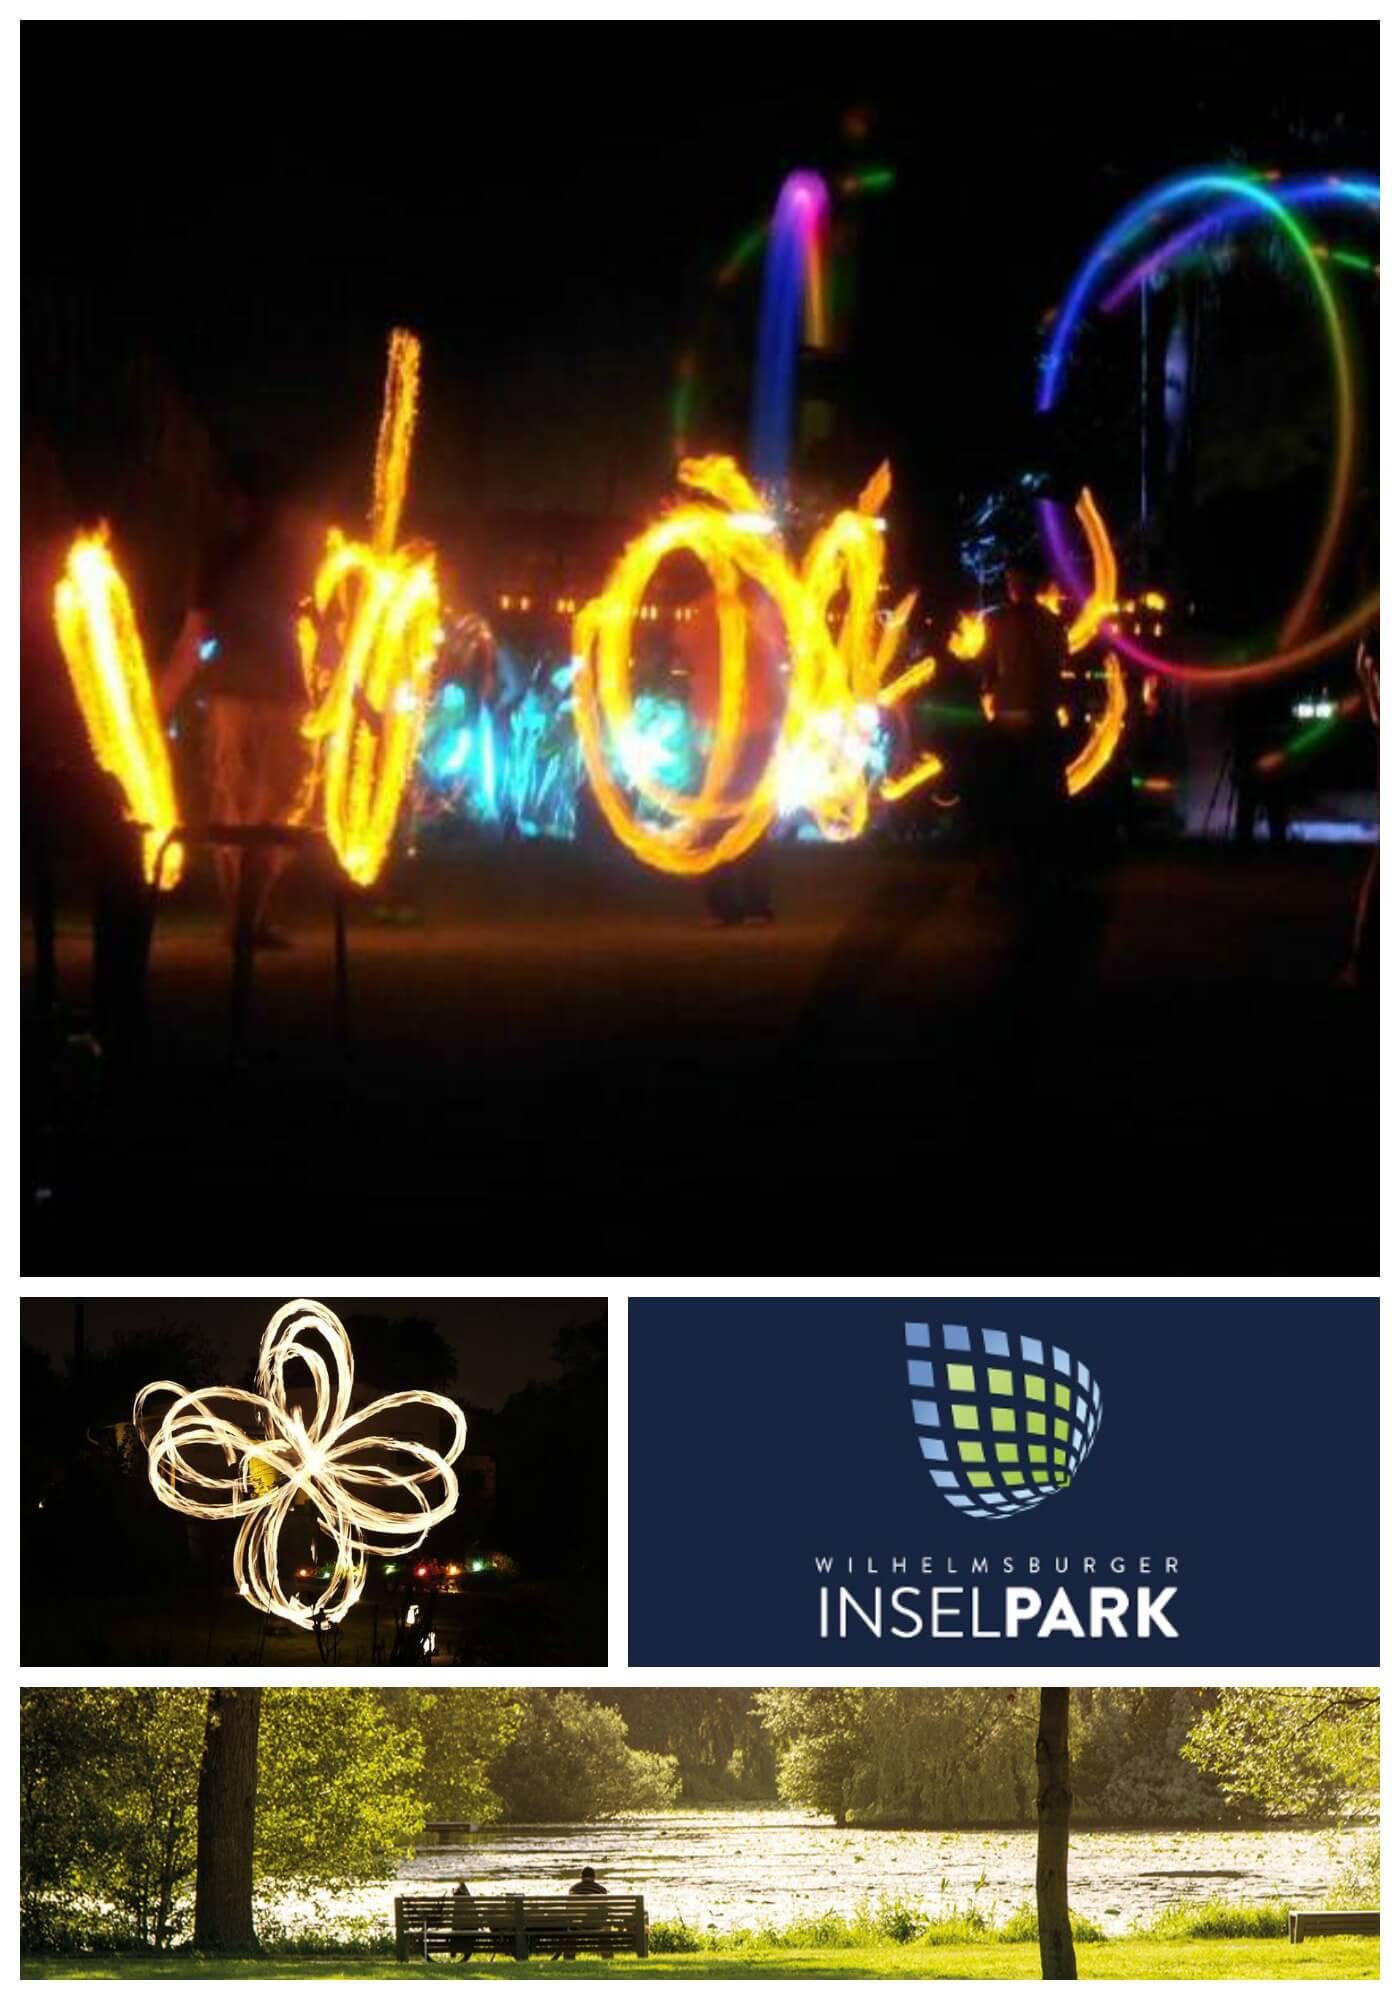 Der Inselpark soll leuchten! Für alle Flüchtlinge und alle ...